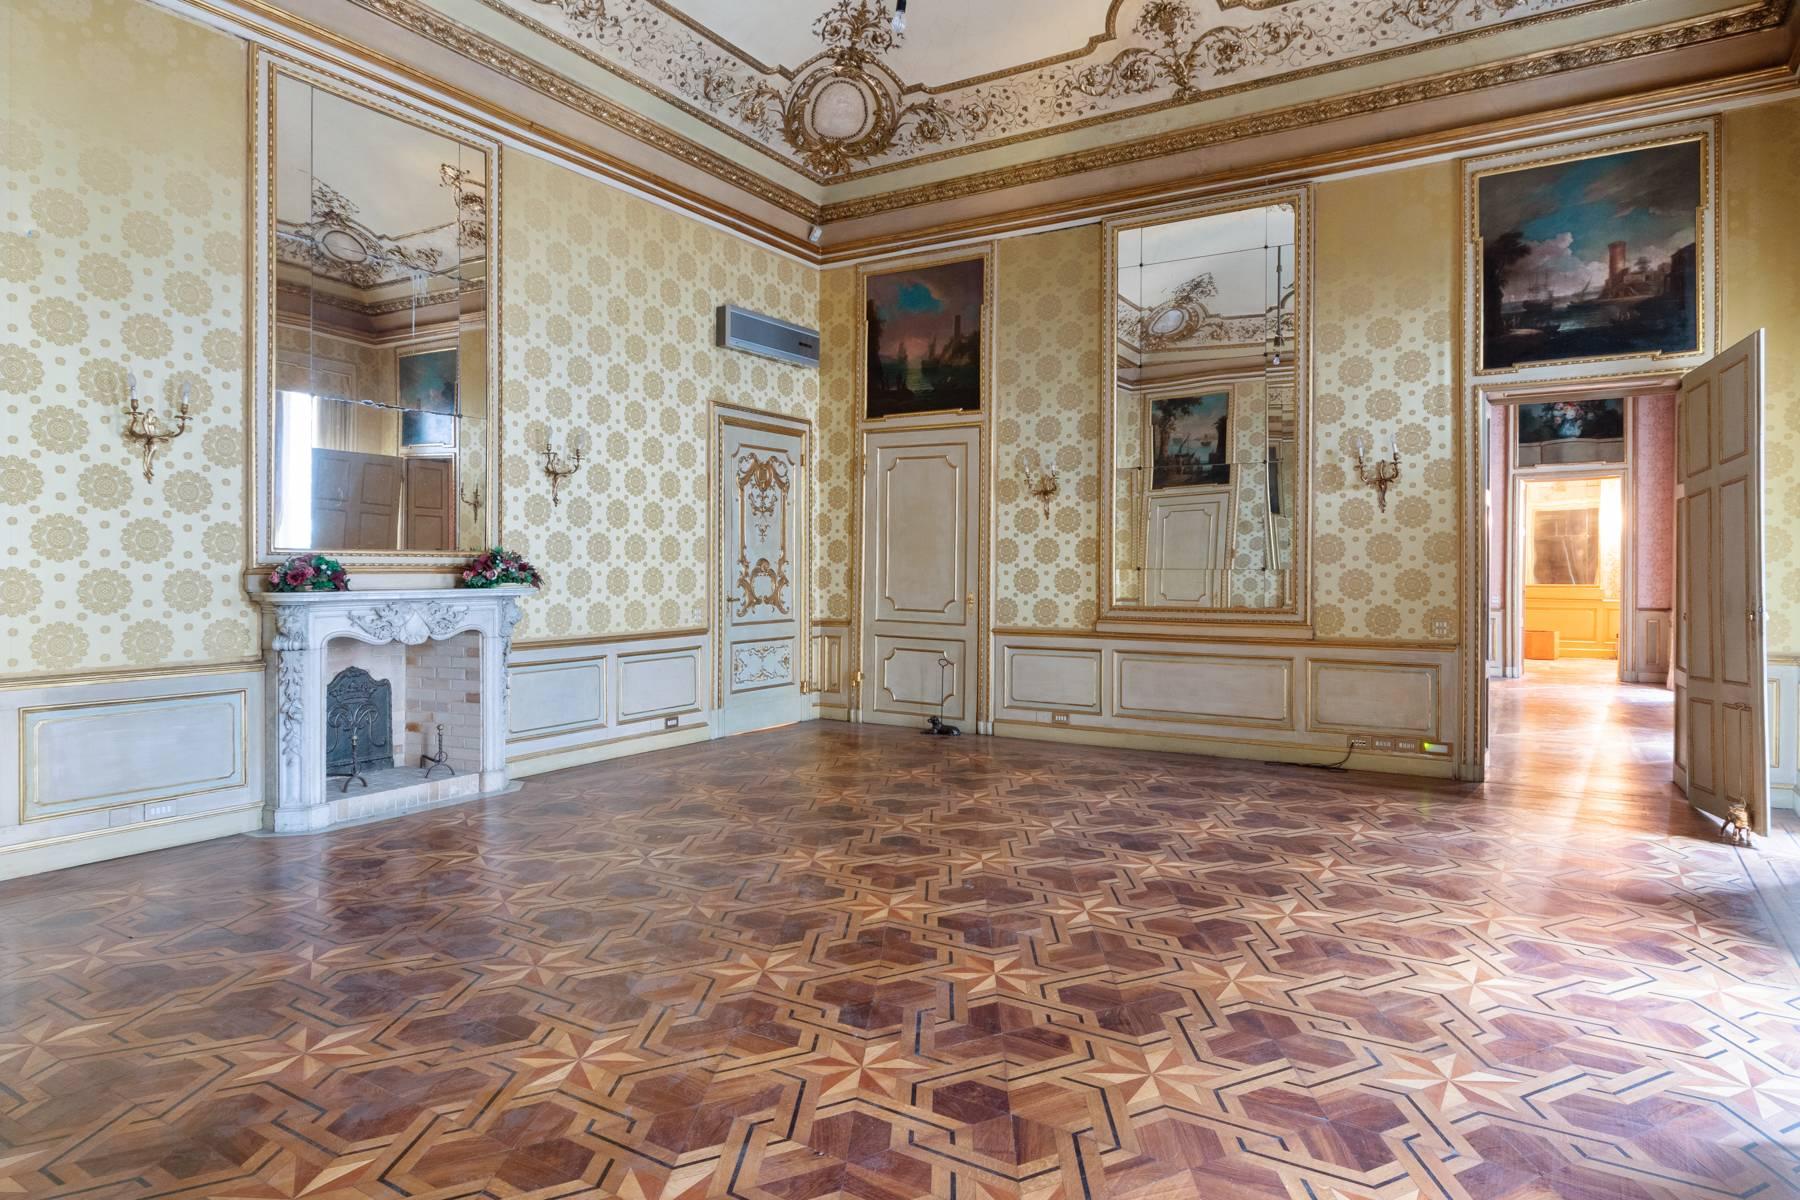 Luxus-Wohnung im historischen Palast - 11